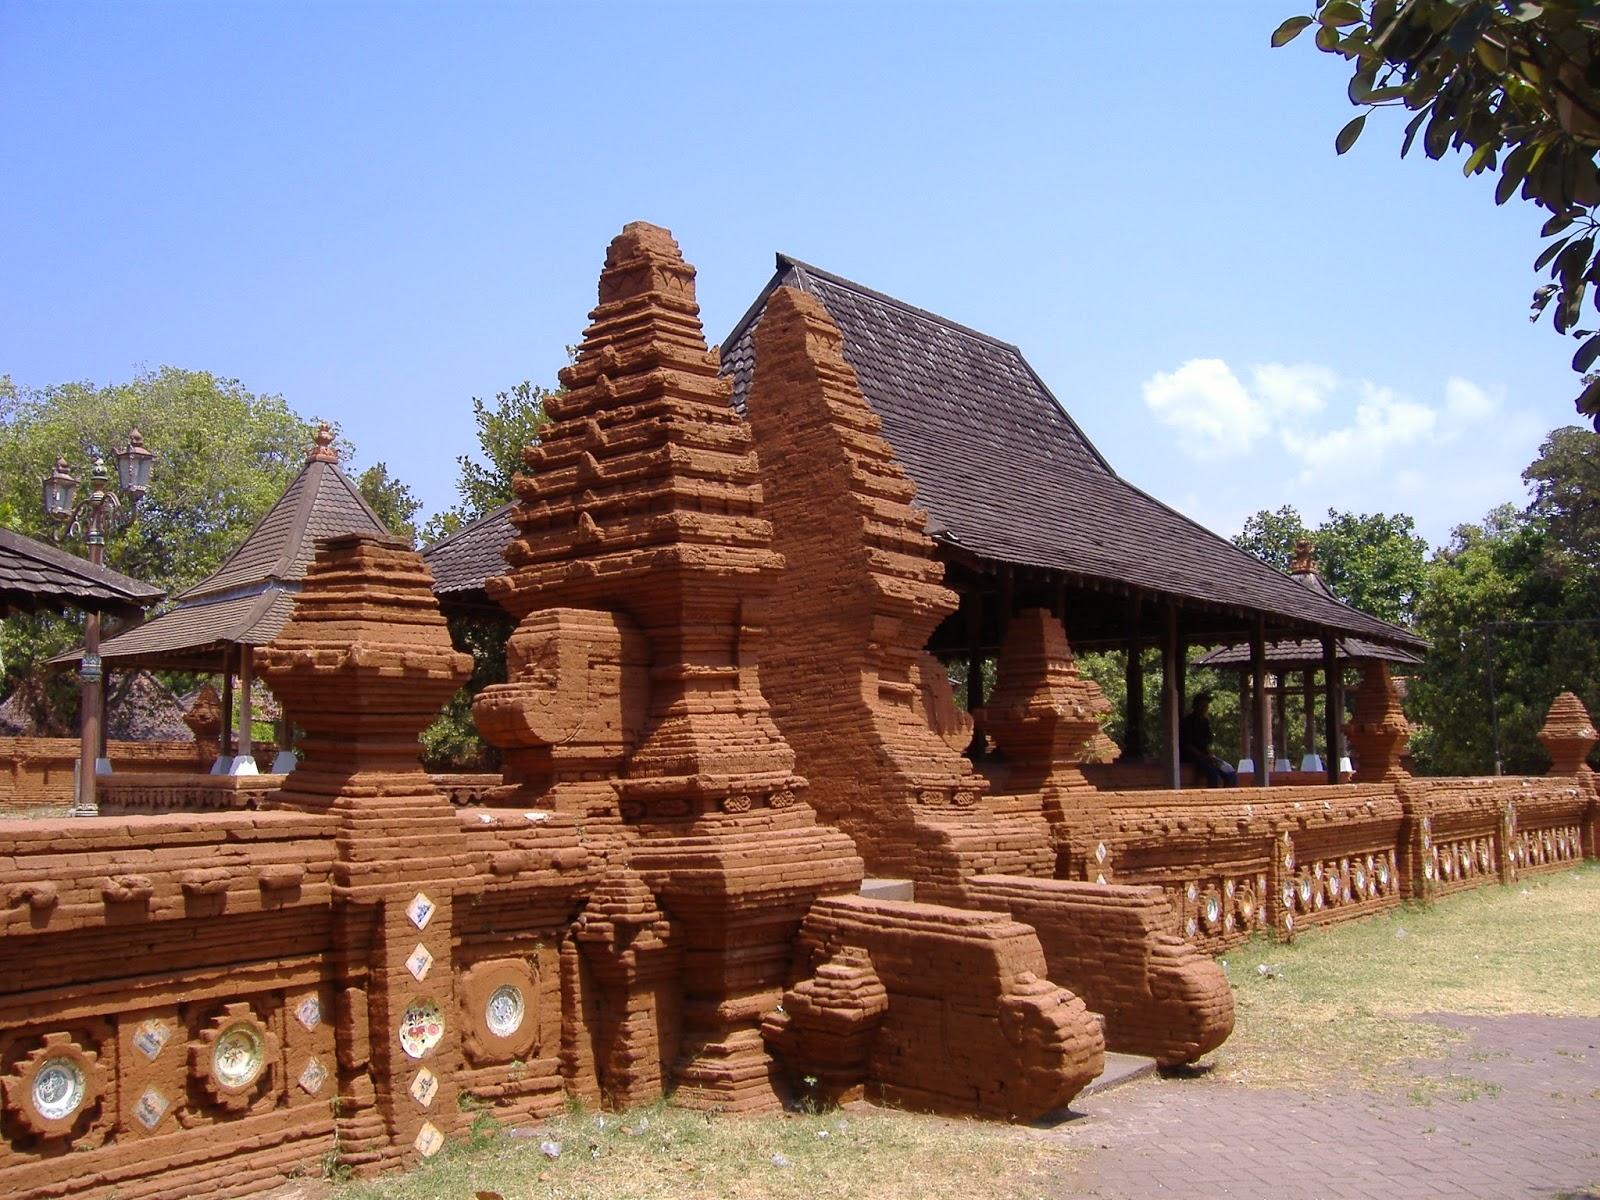 Arsitektur Kuno dan Asing dalam Rumah Tradisional